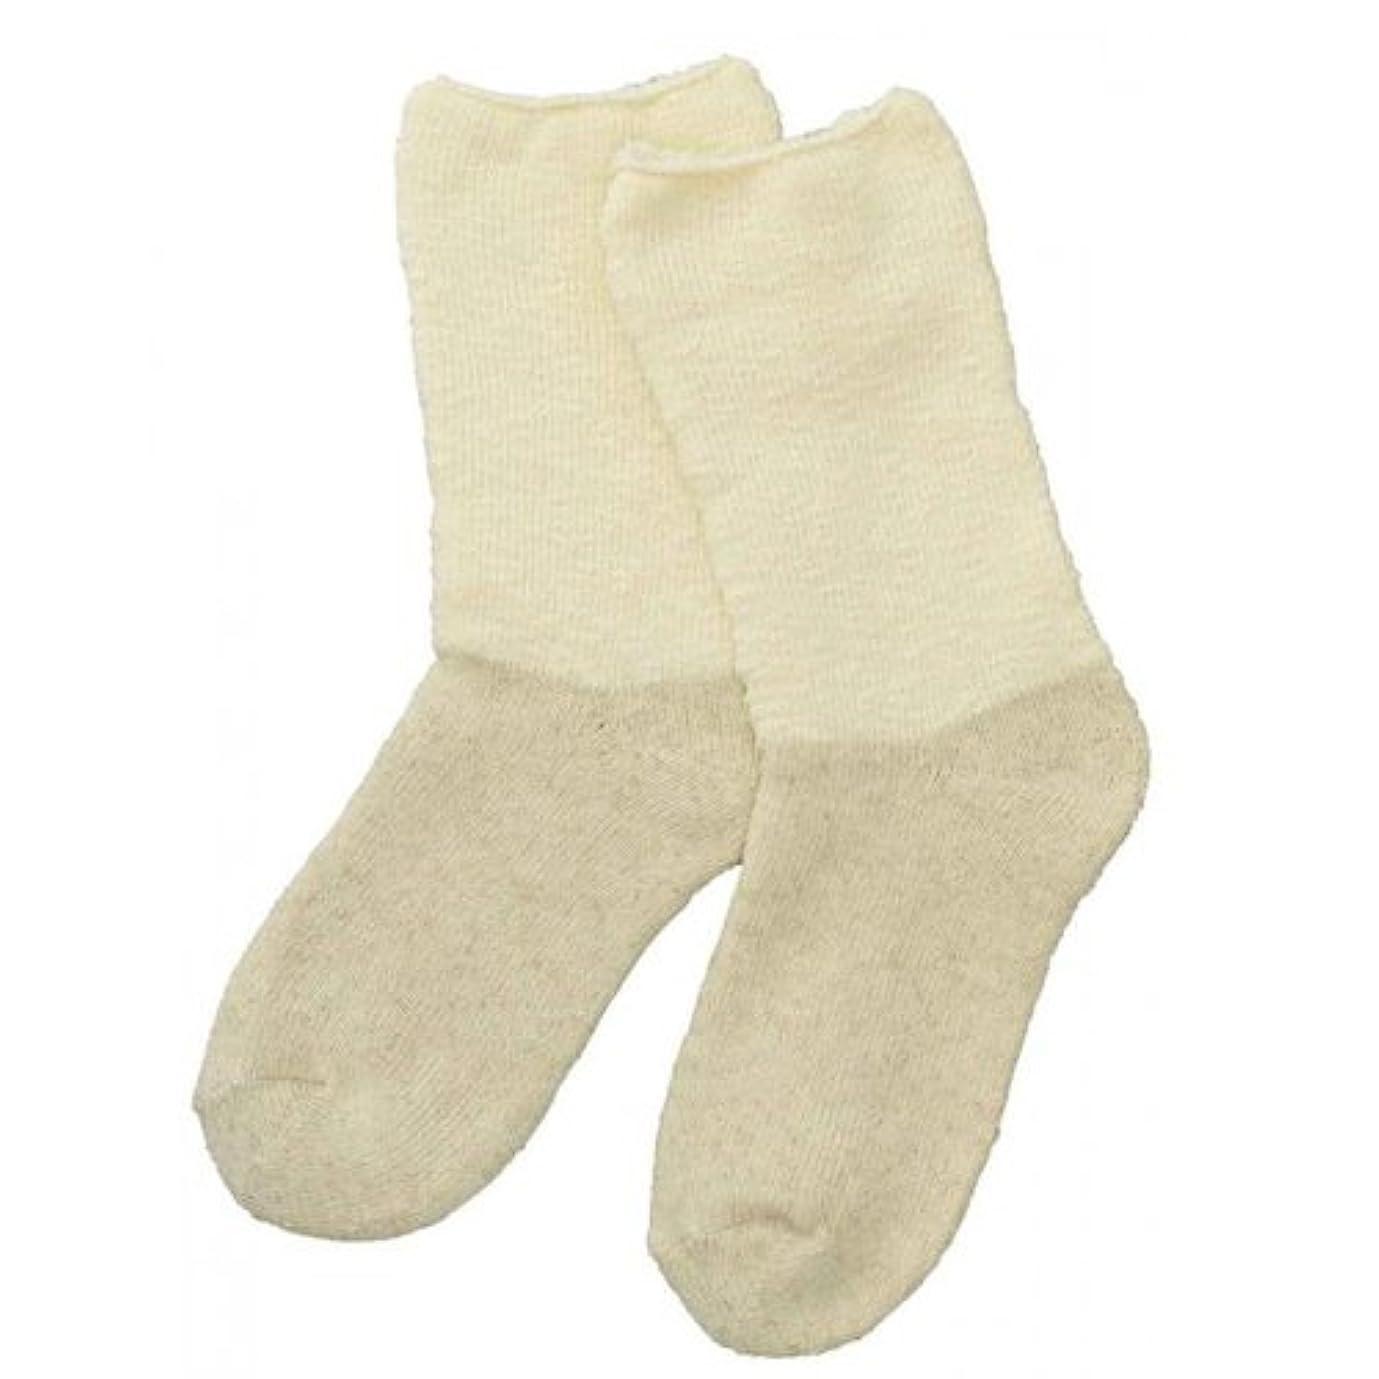 他のバンドで申込み海峡ひもCarelance(ケアランス)お風呂上りのやさしい靴下 綿麻パイルで足先さわやか 8706CA-31 クリーム